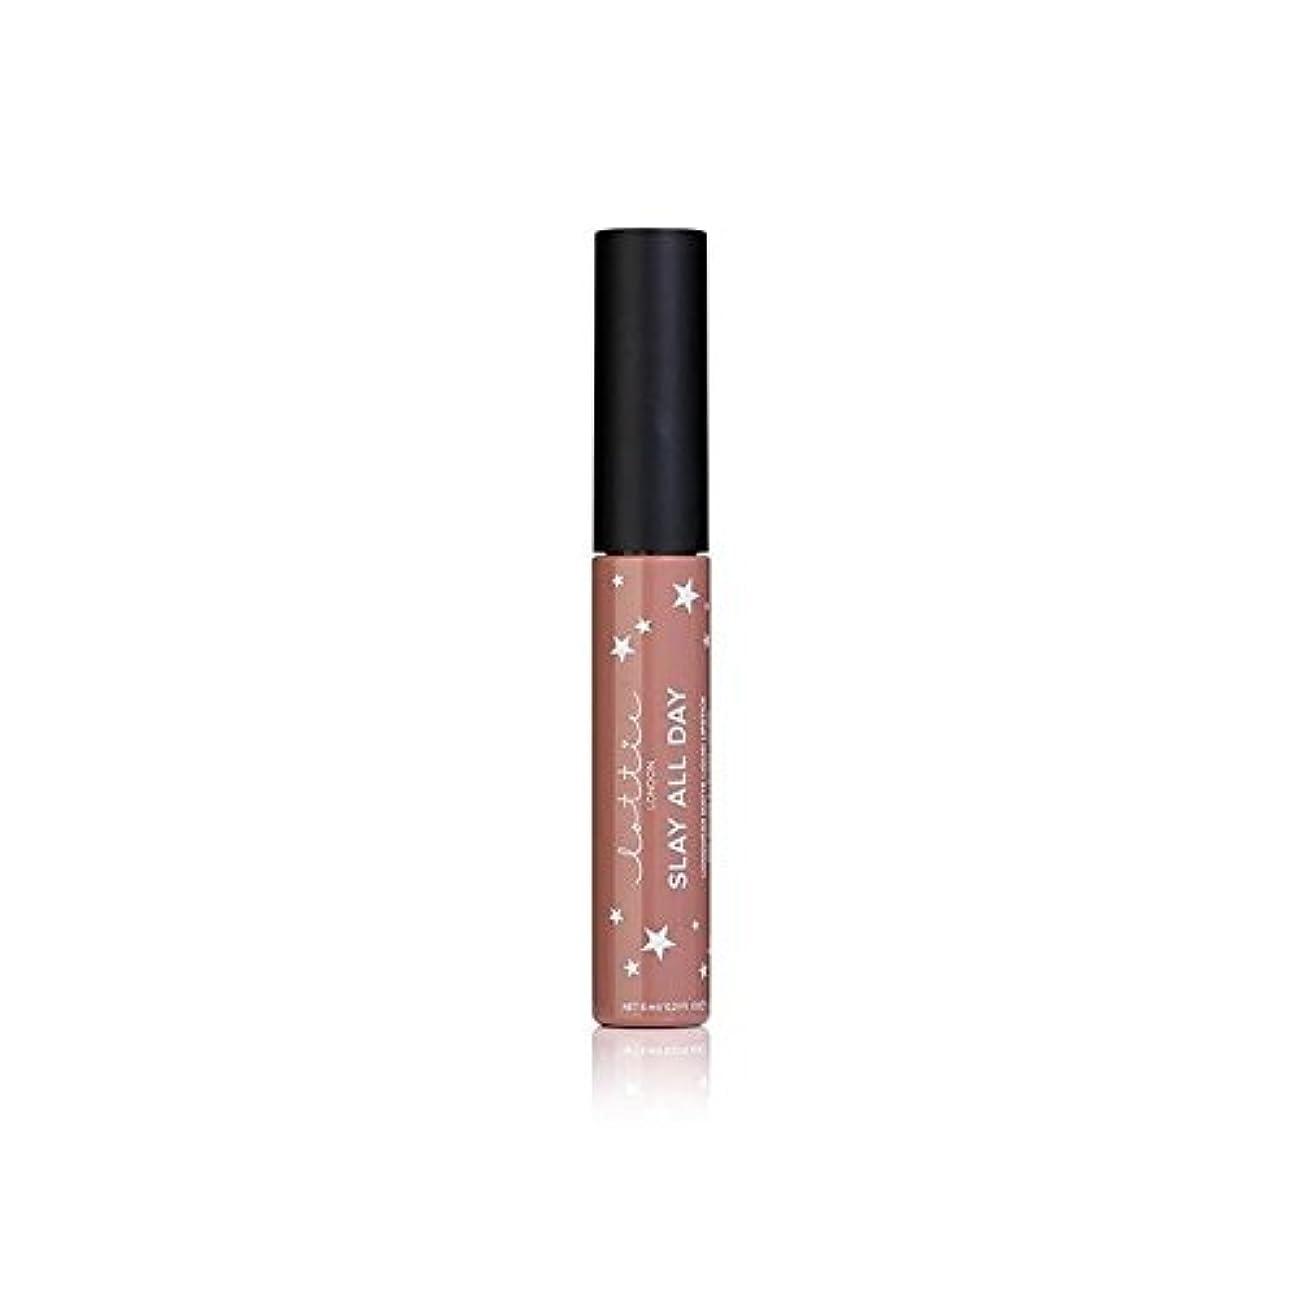 落胆する軍艦テンポLottie London Matte Liquid Lipstick - Werk It (Pack of 6) - ロンドンマット液状口紅 - それを x6 [並行輸入品]